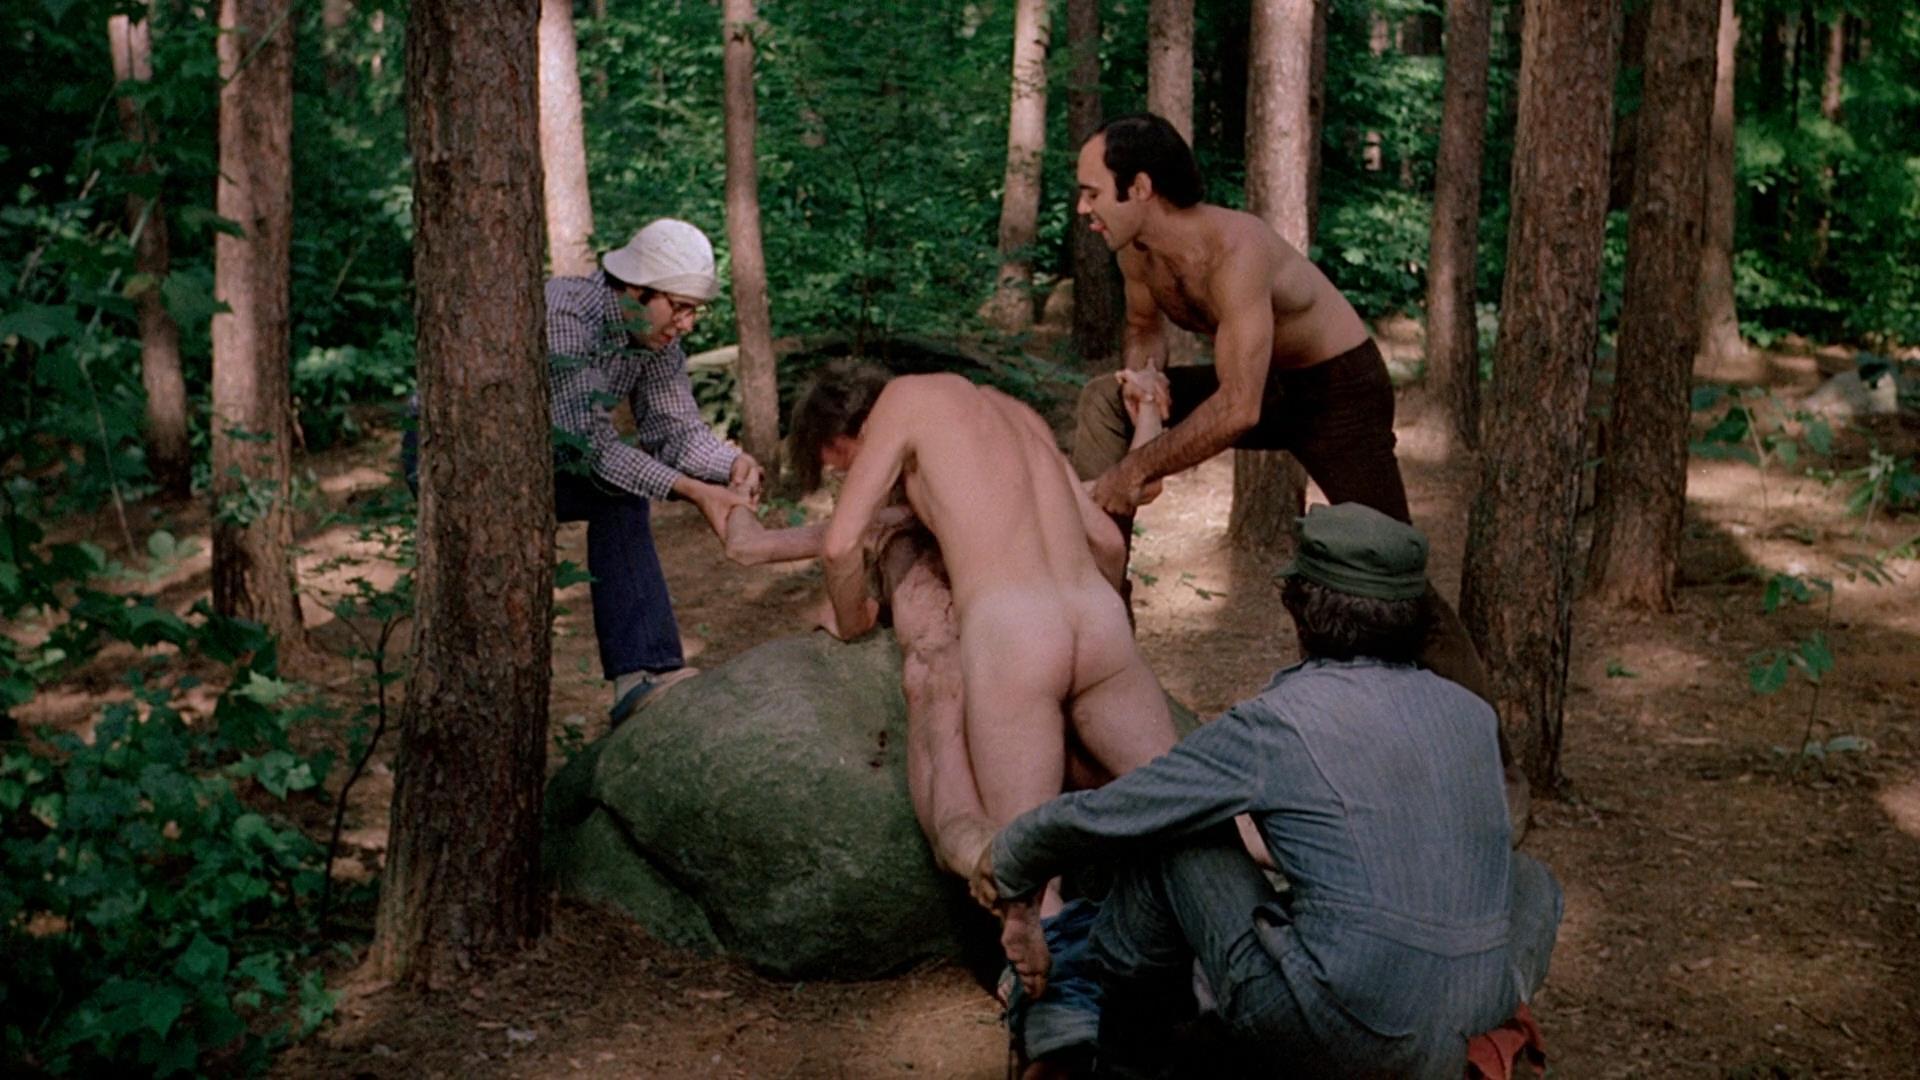 кадры из фильма где жену писателя трахают пока тот на охоте тоже предпочел, чтобы